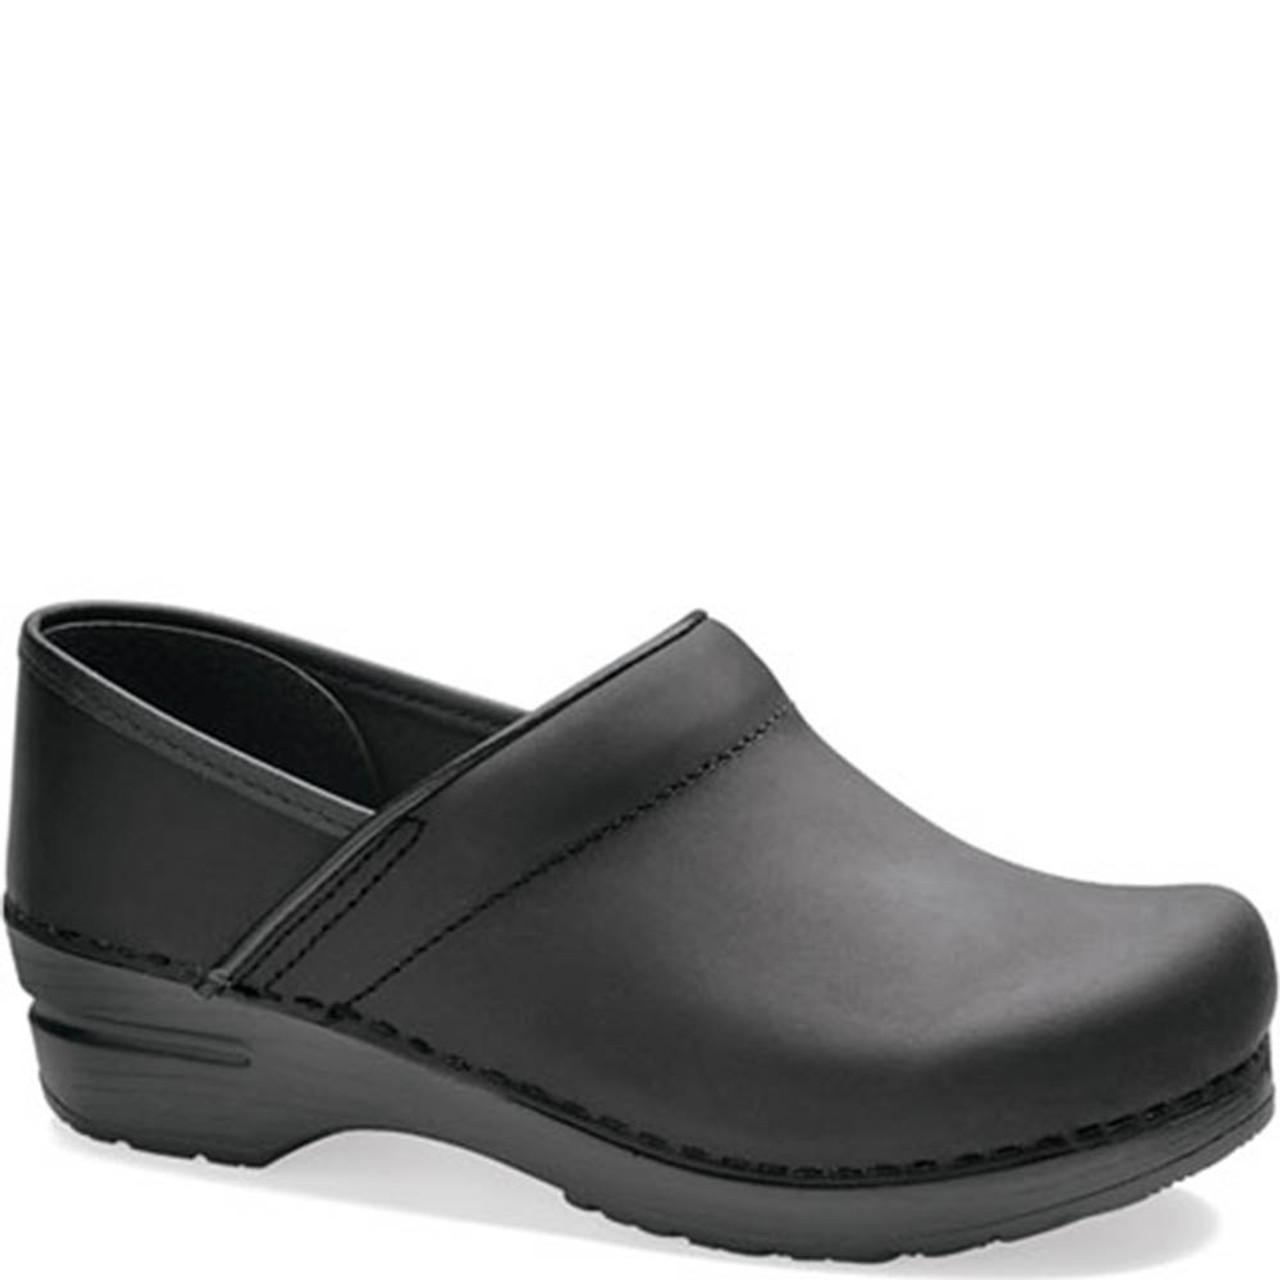 Dansko Shoes Black Oiled Clog